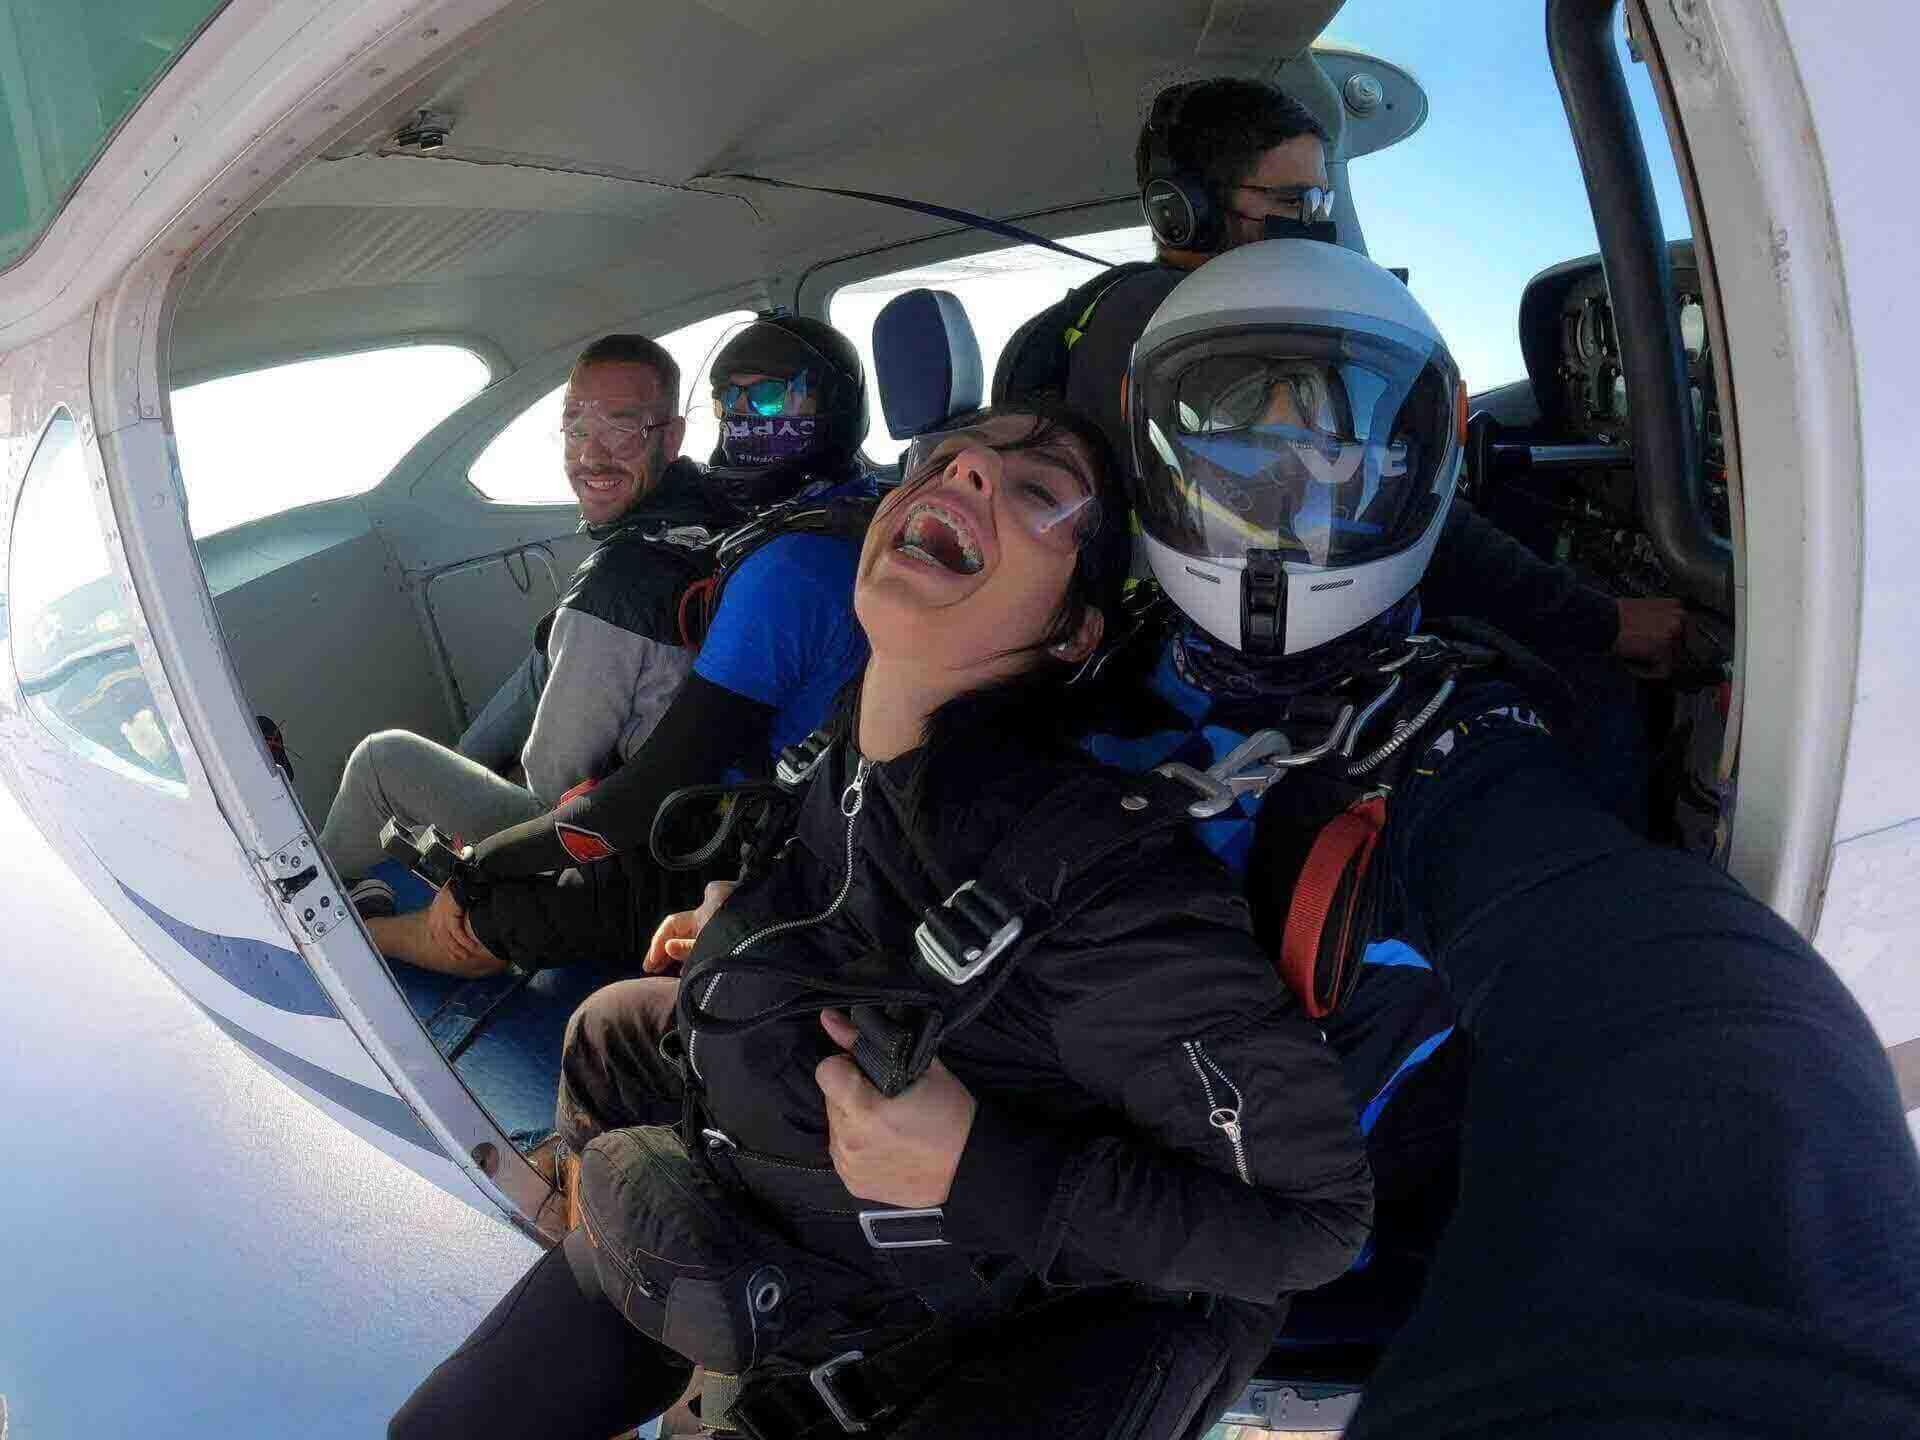 Riesgos del paracaidismo